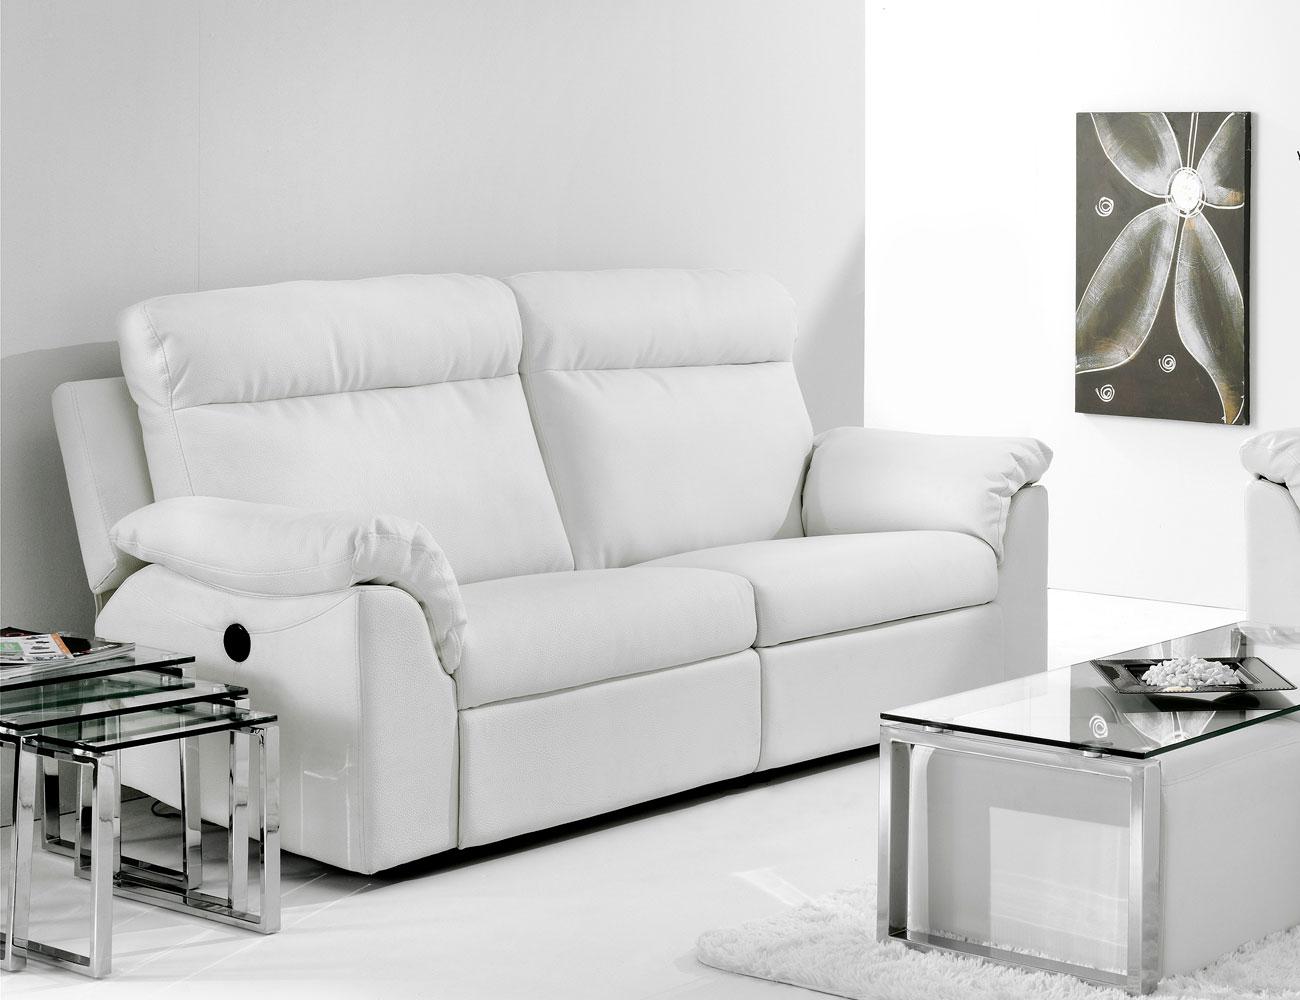 Sofa relax dos motores electrico ecopiel blanco2